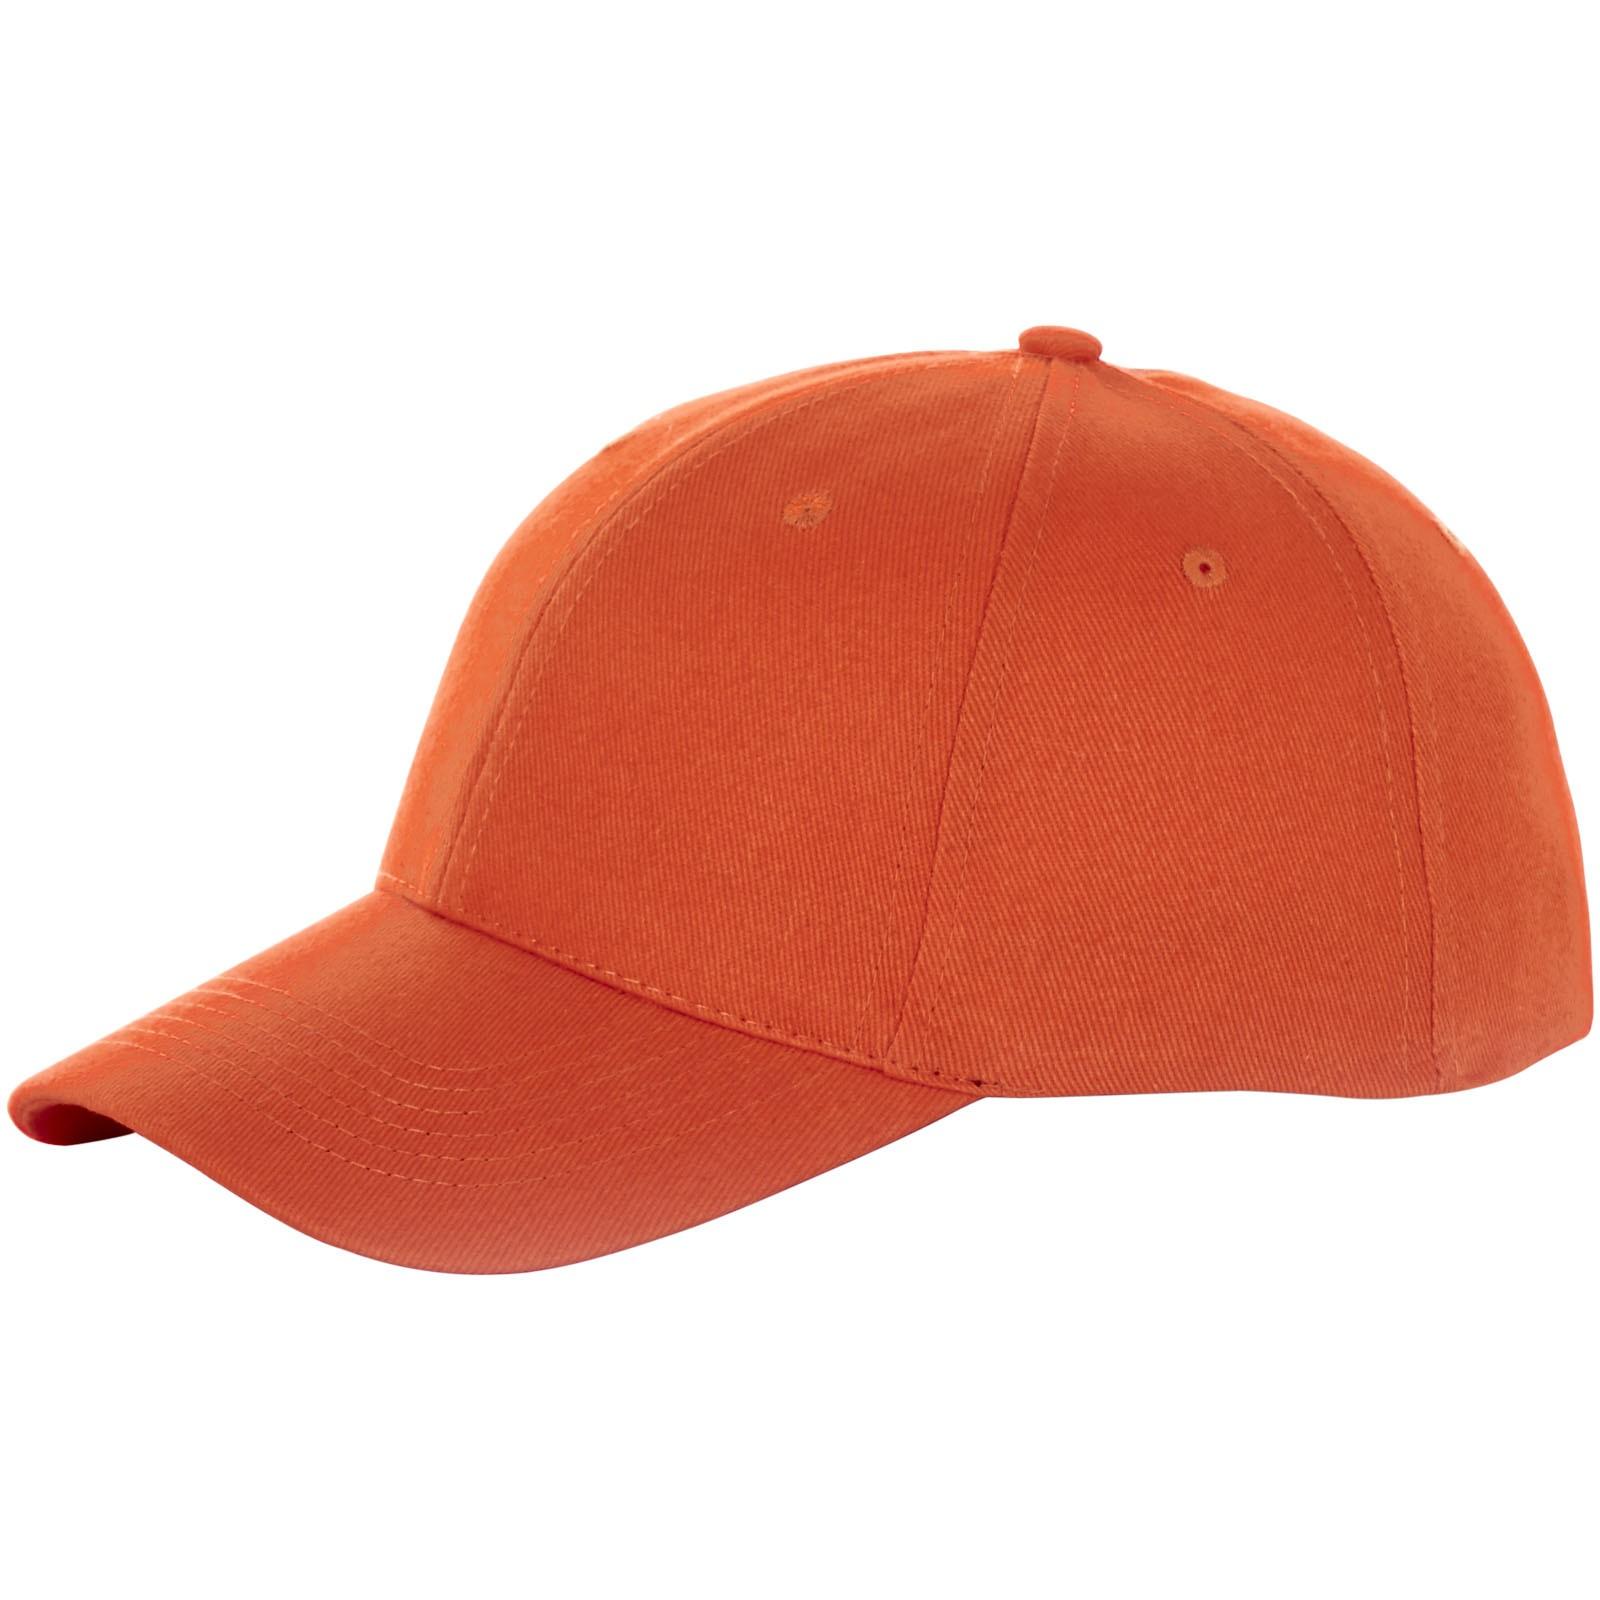 Bryson 6 panel cap - Orange